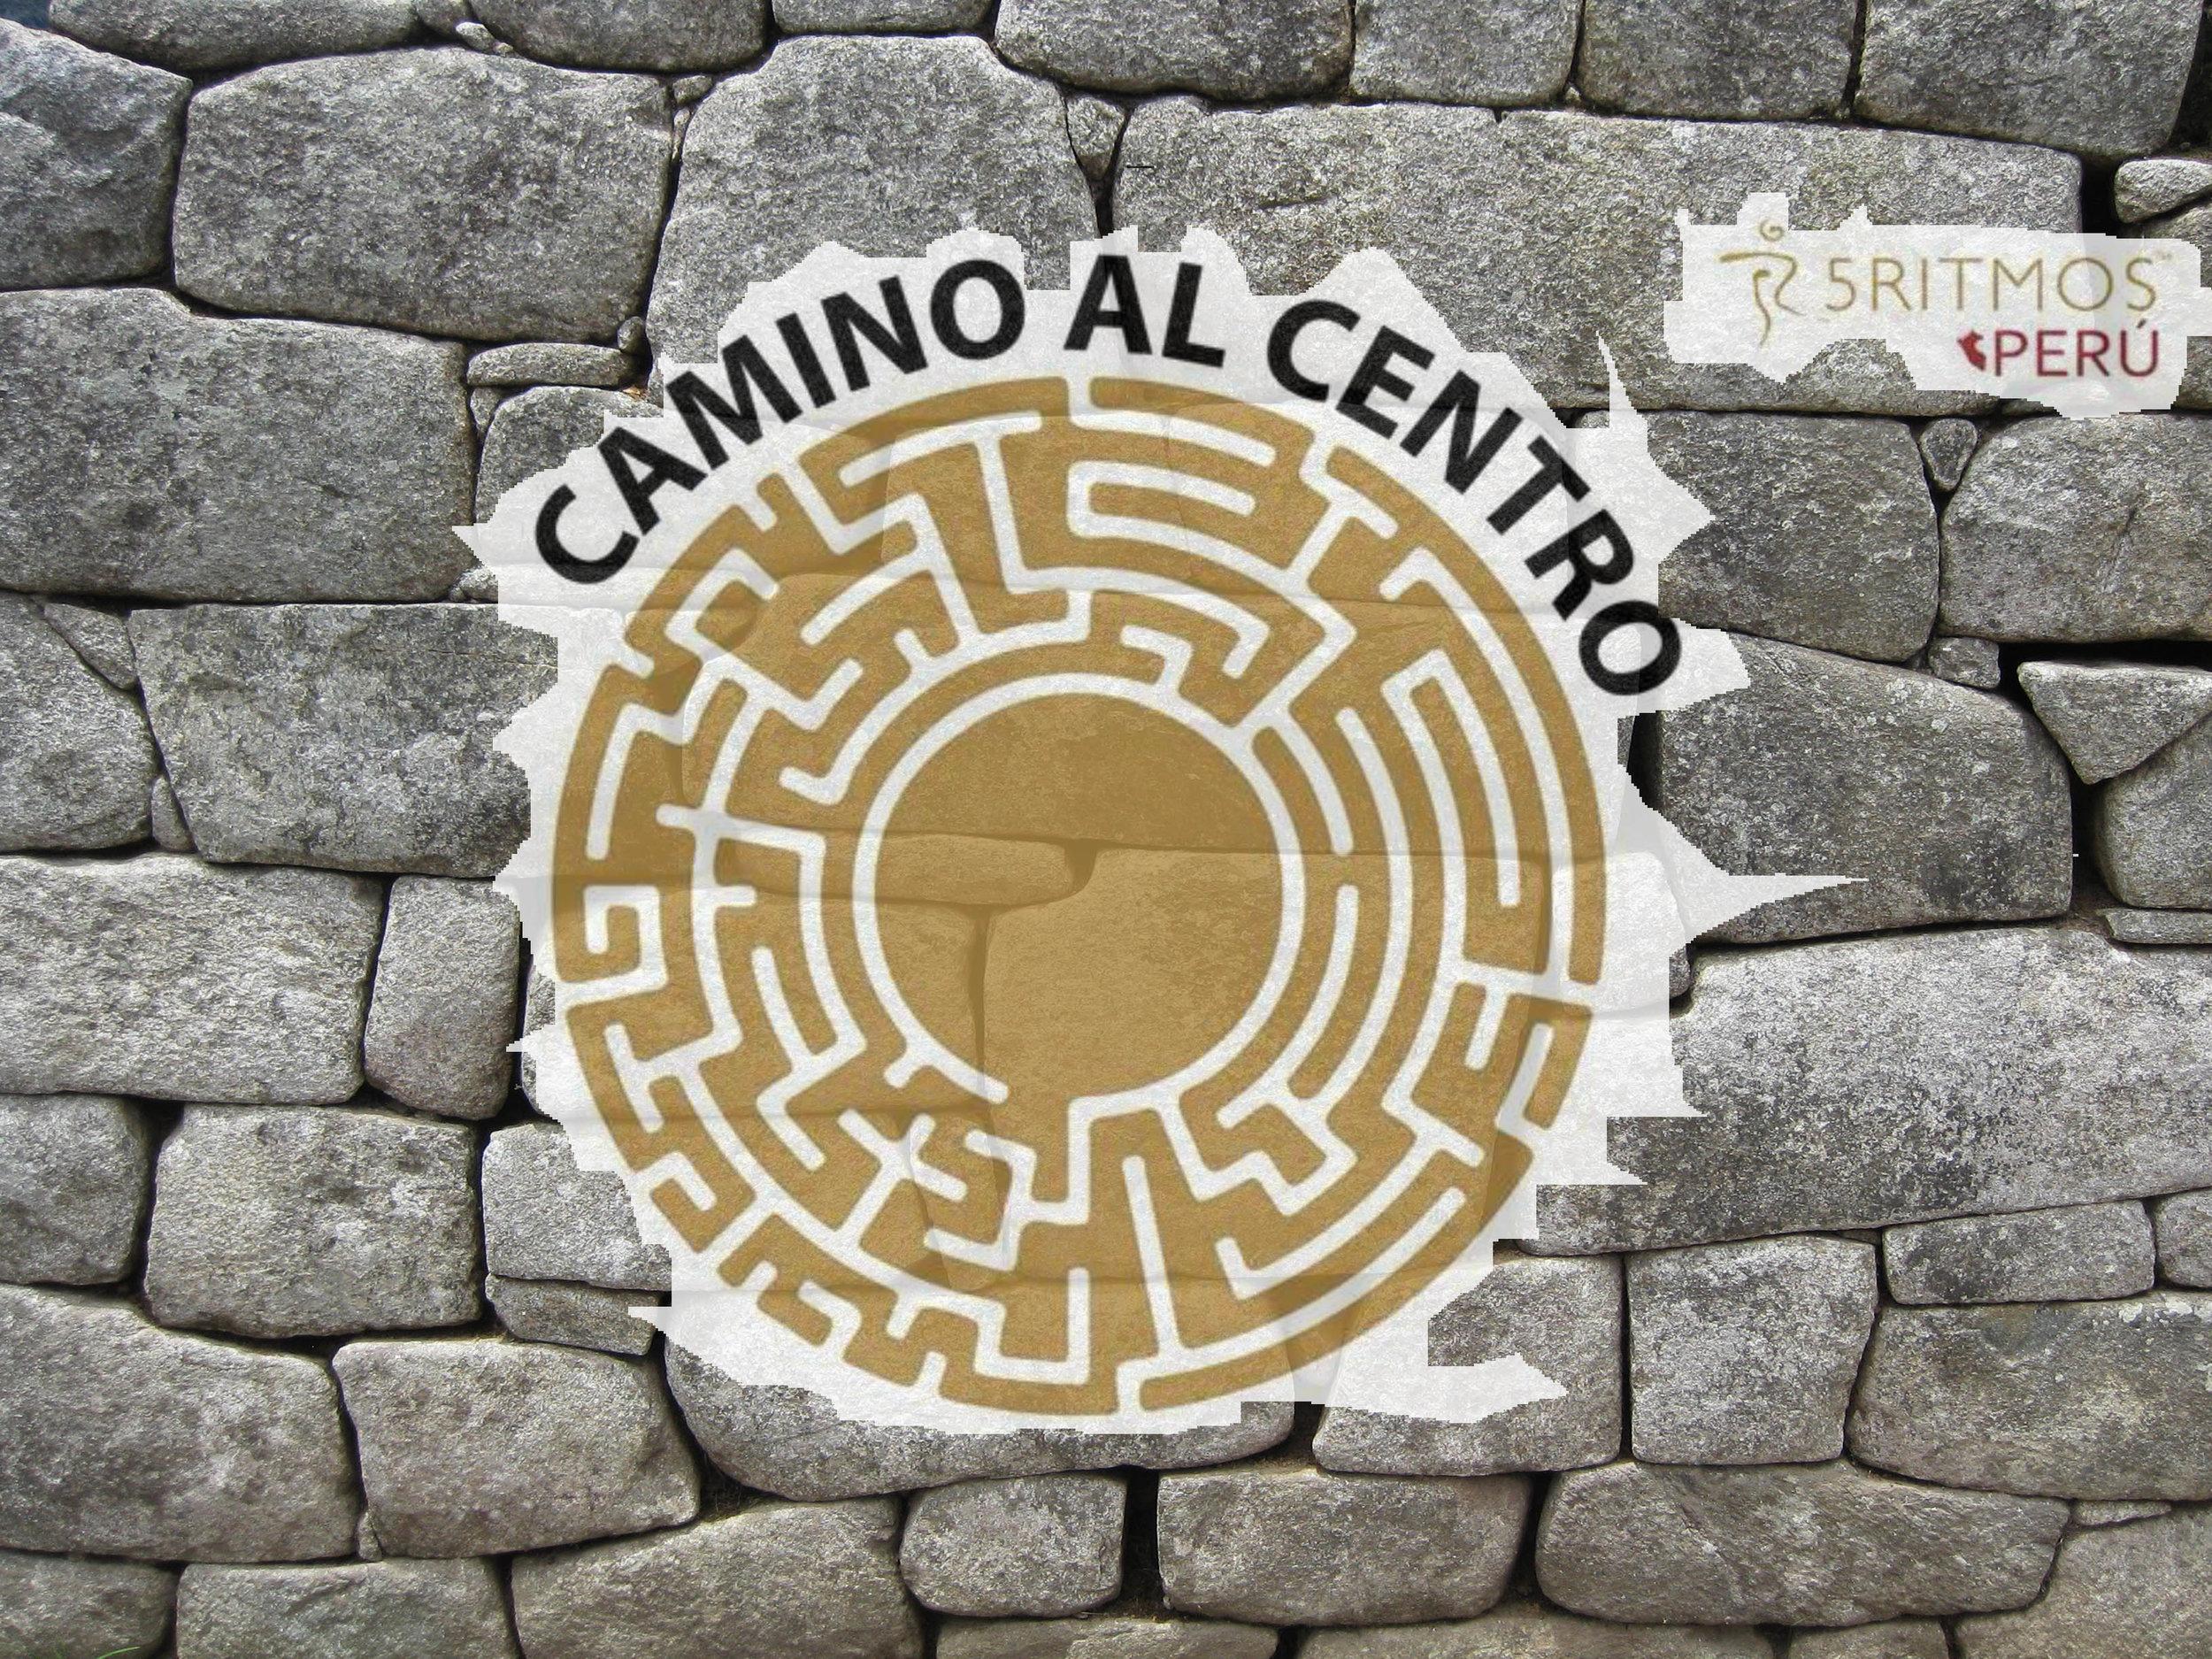 Camino al Centro 2018 Macchupicchu wall.jpg